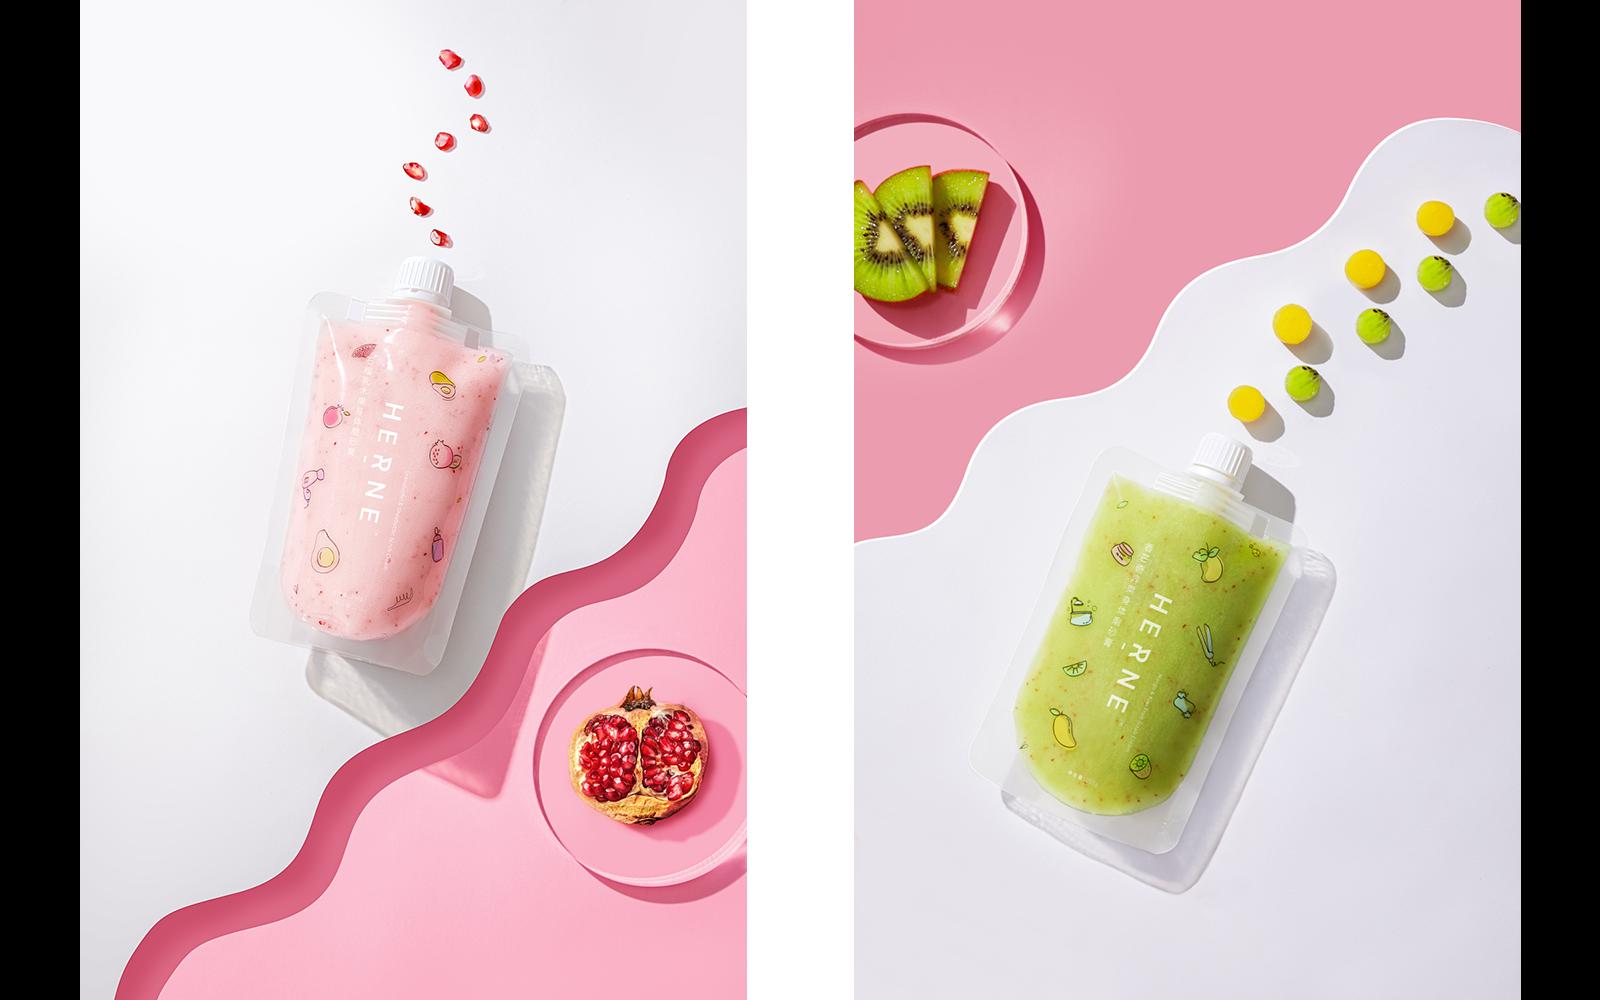 Health food brand Herne. Credit: Brandstar